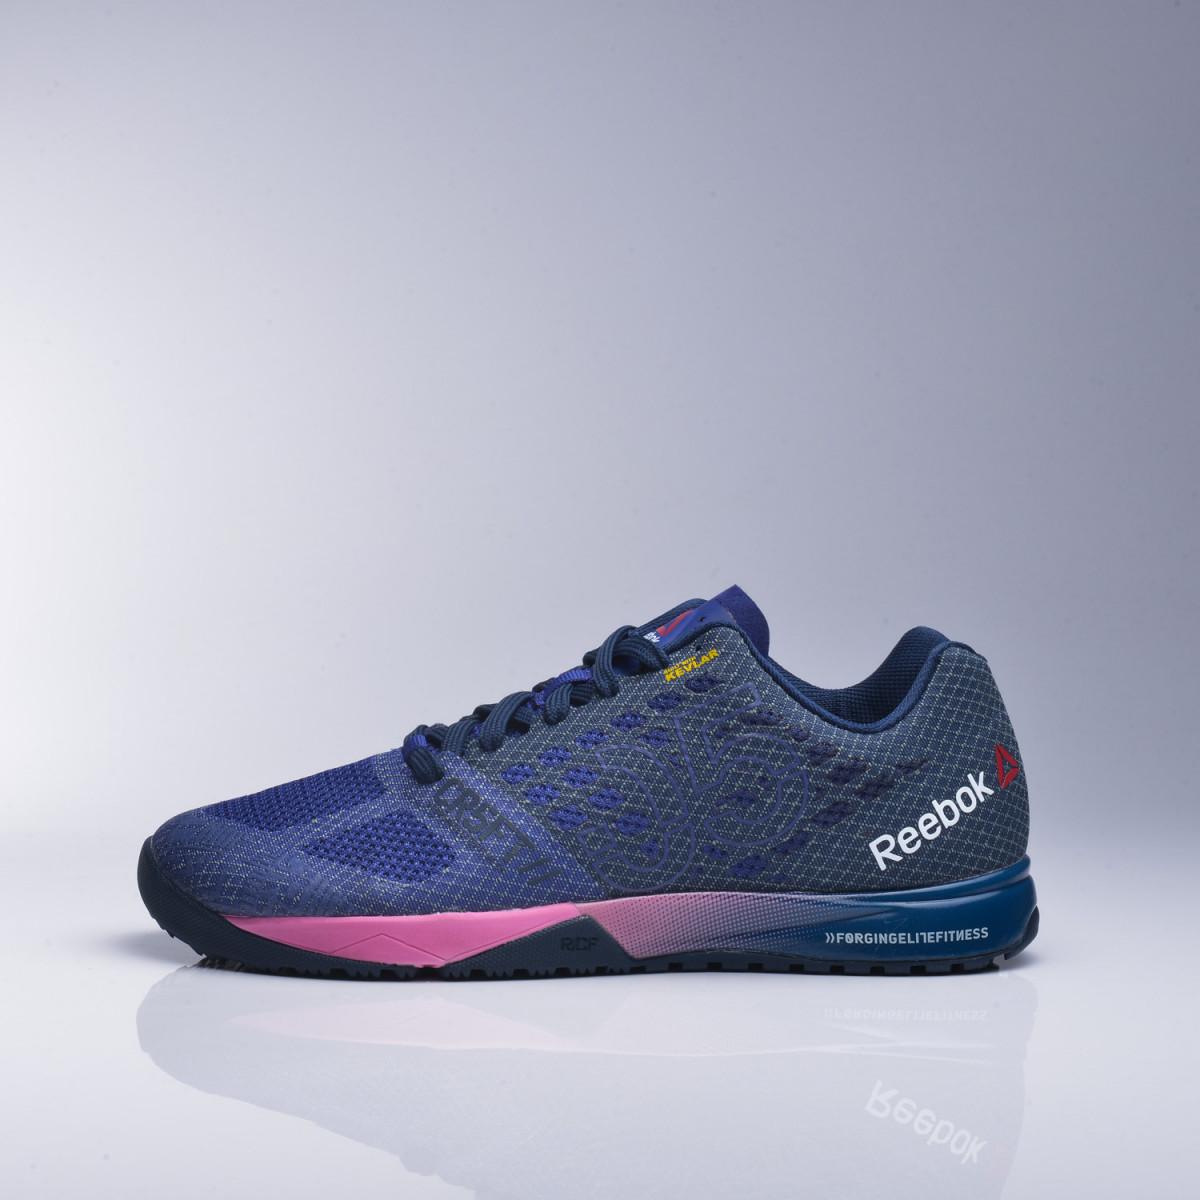 Zapatillas Reebok Crossfit Nano 5.0